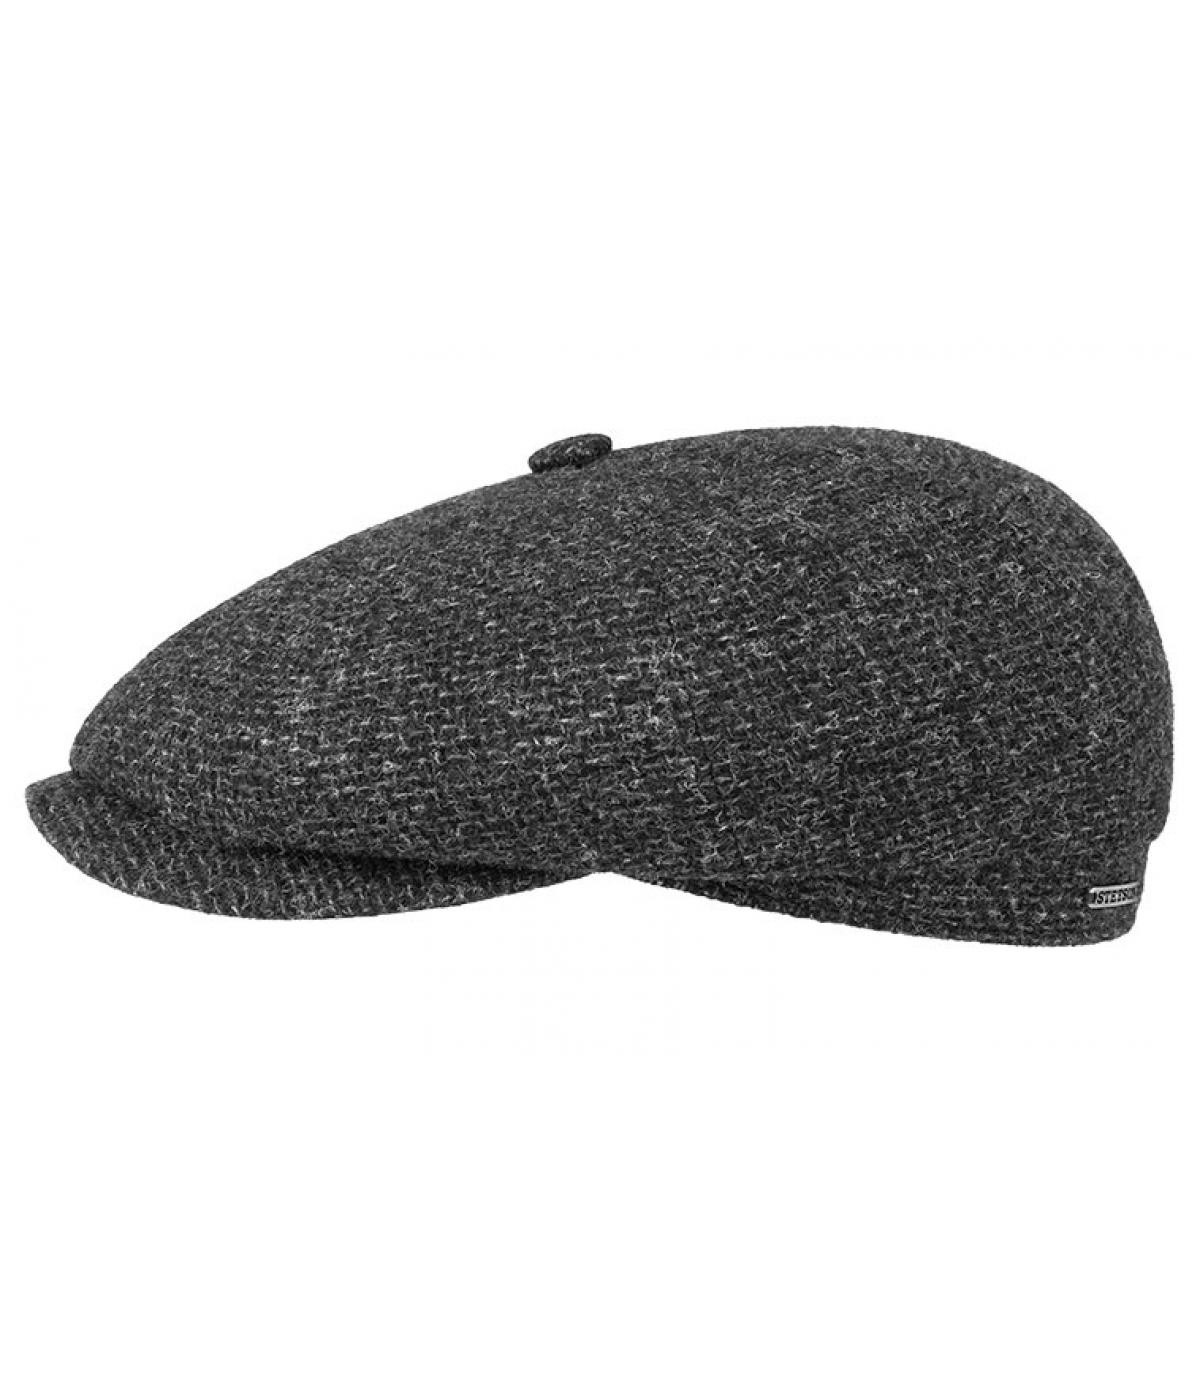 Detalles Hatteras Wool grey imagen 2